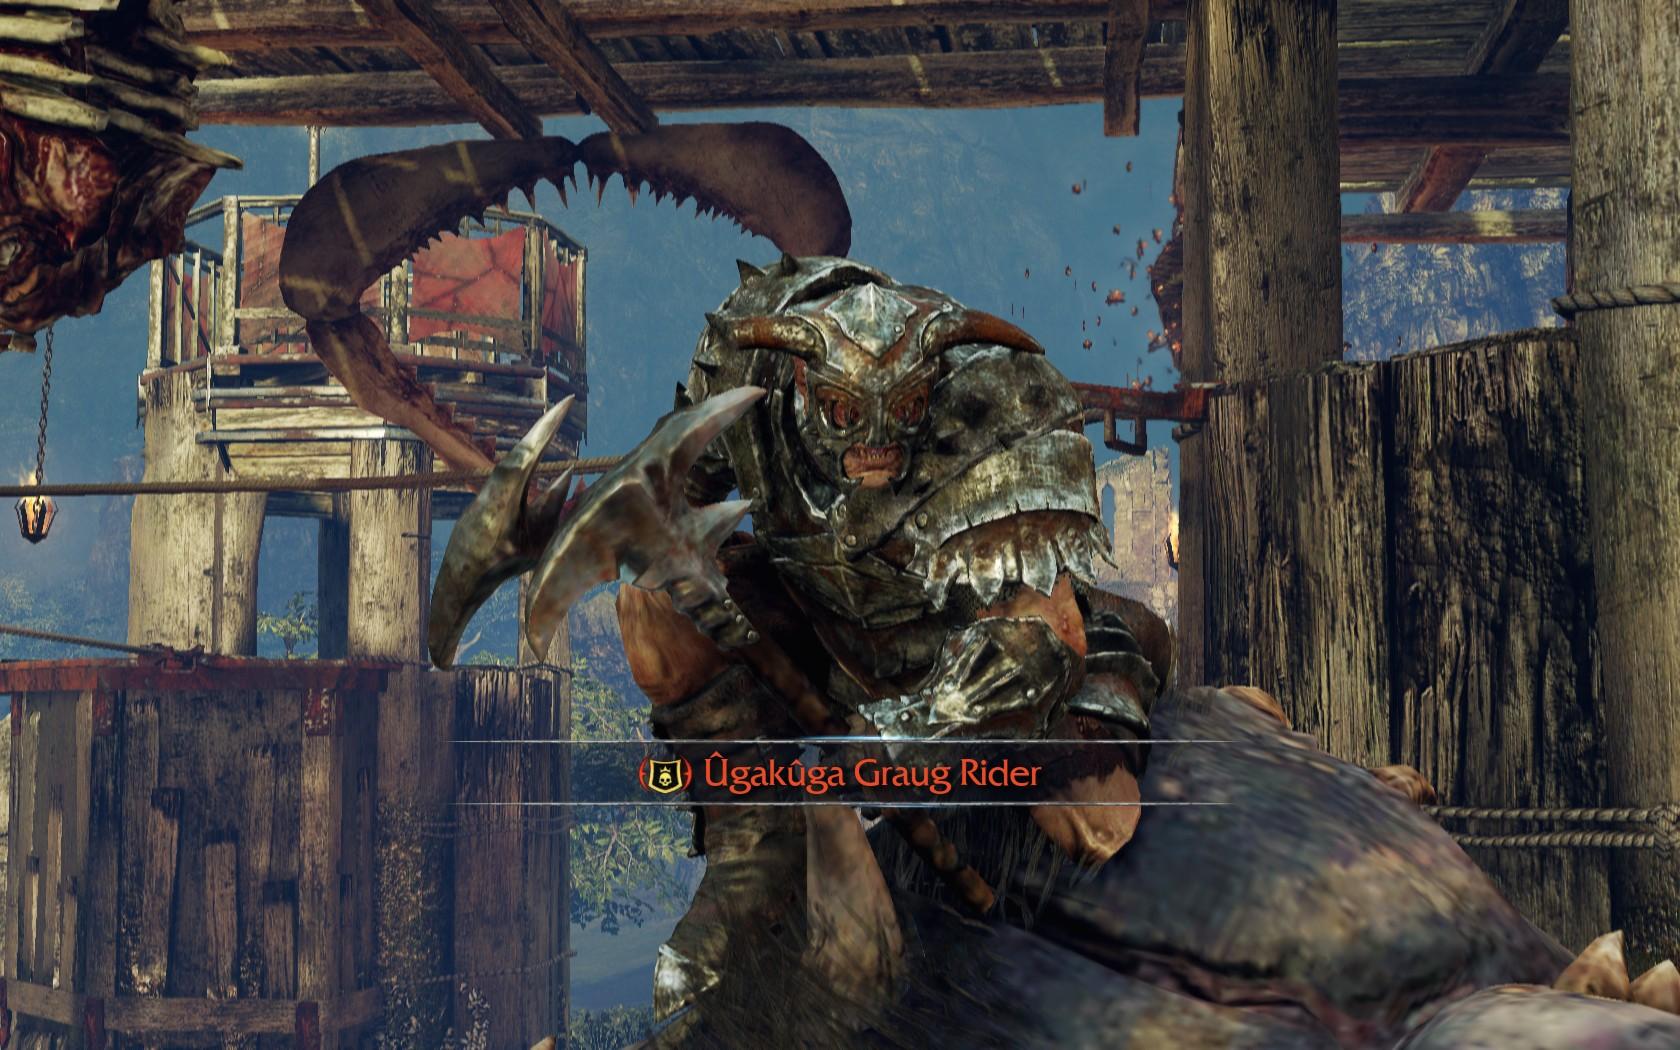 Patentové snahy Warner Bros: Proč víc her nevyužívá systém Nemesis ze Shadow of Mordor?